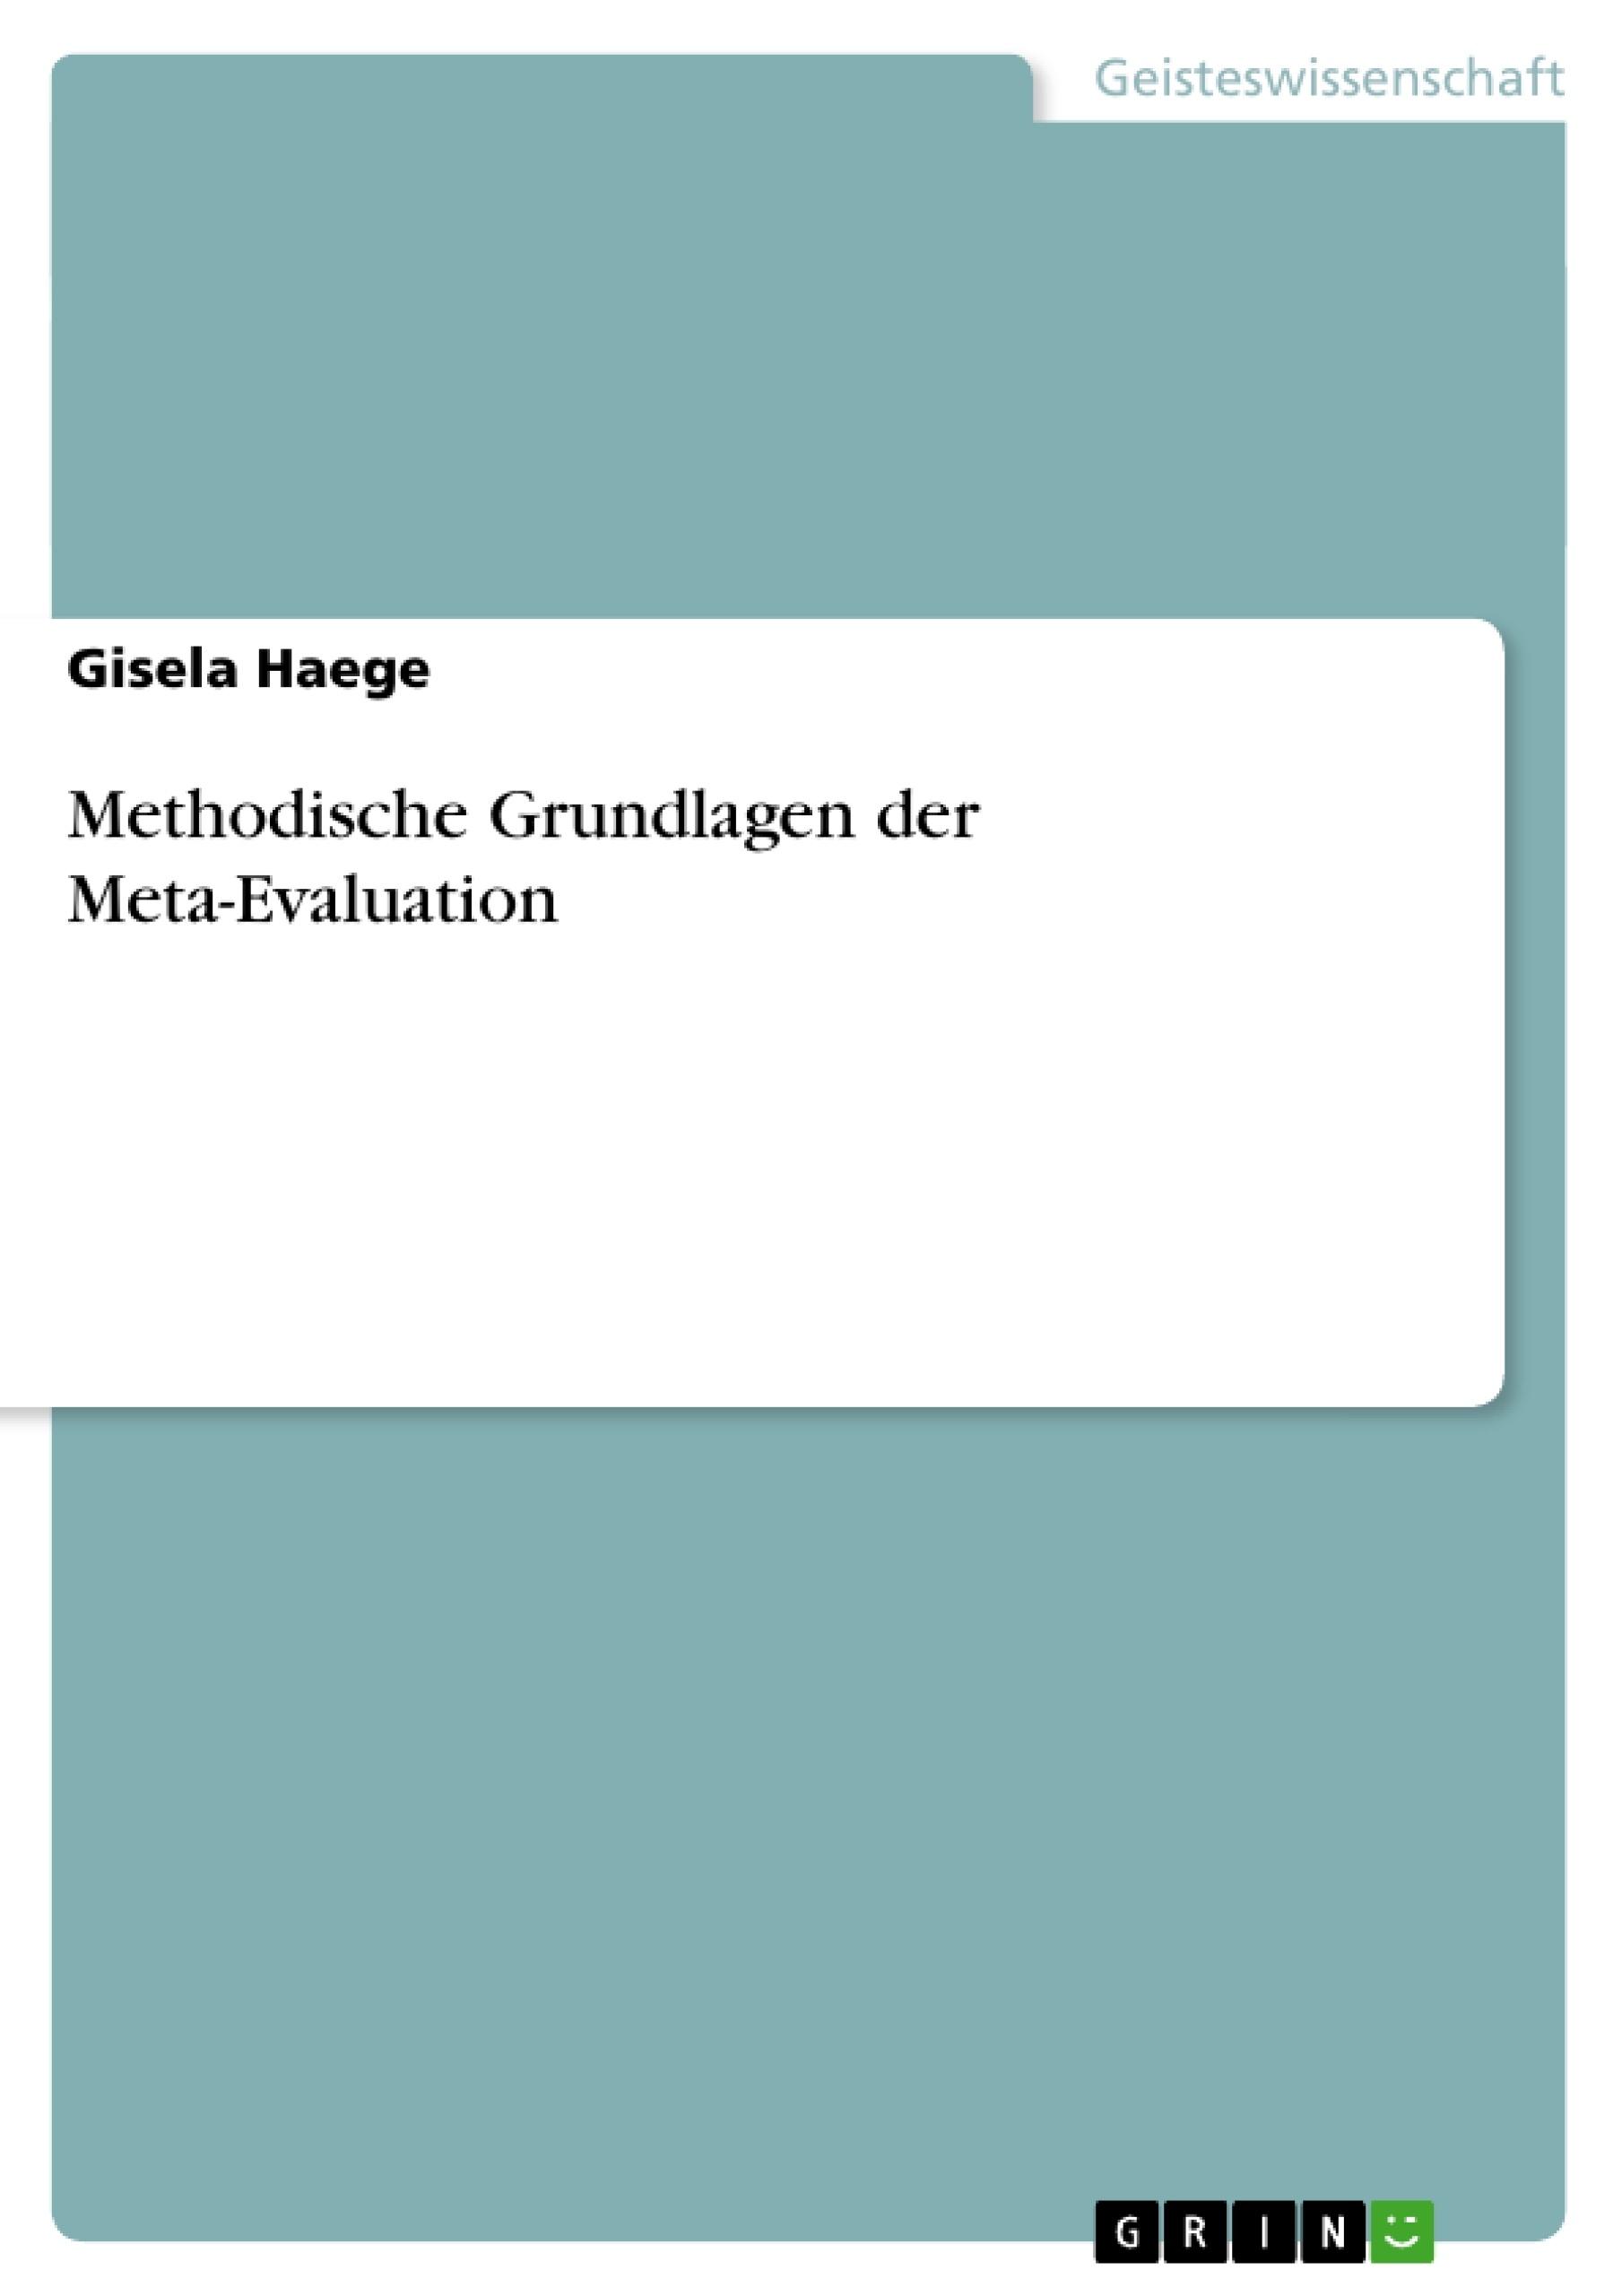 Titel: Methodische Grundlagen der Meta-Evaluation